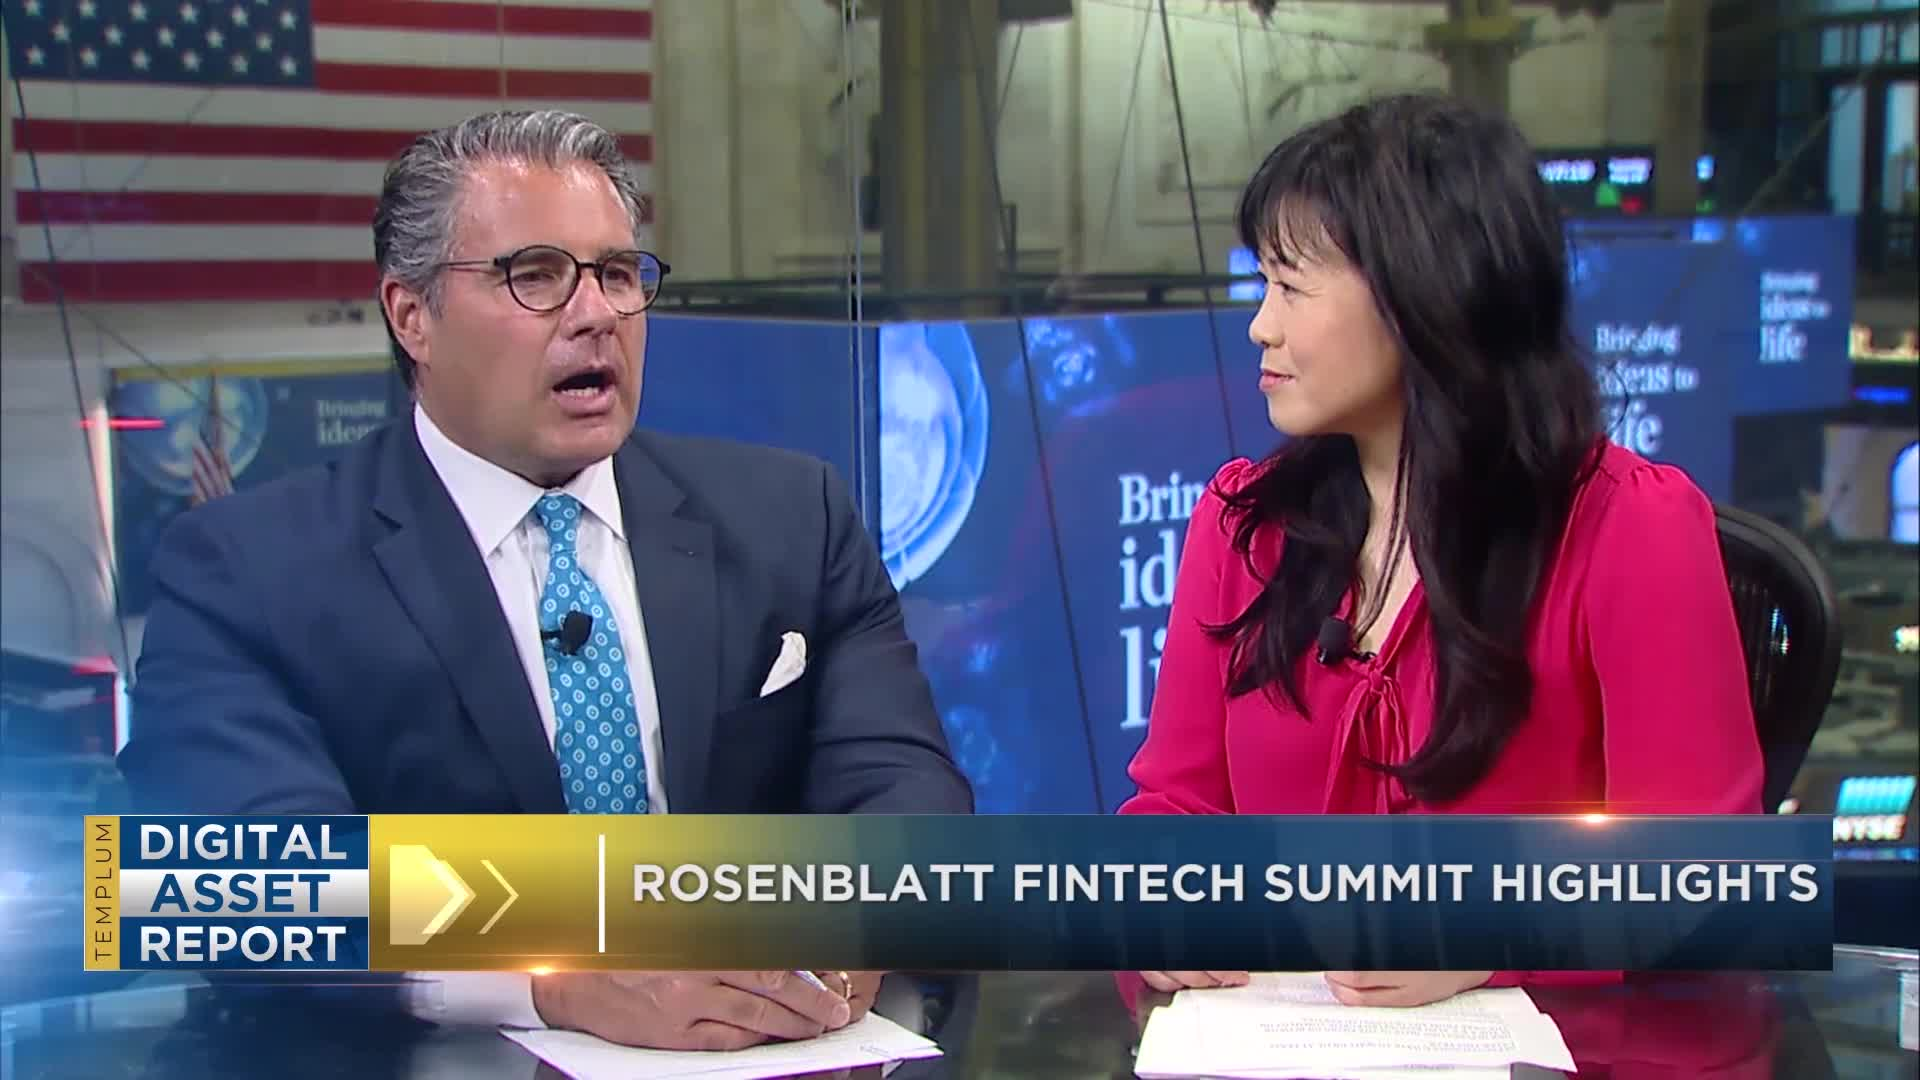 DATA_DOWNLOAD_Rosenblatt_Fintech_Summit_Takeaways.mp4